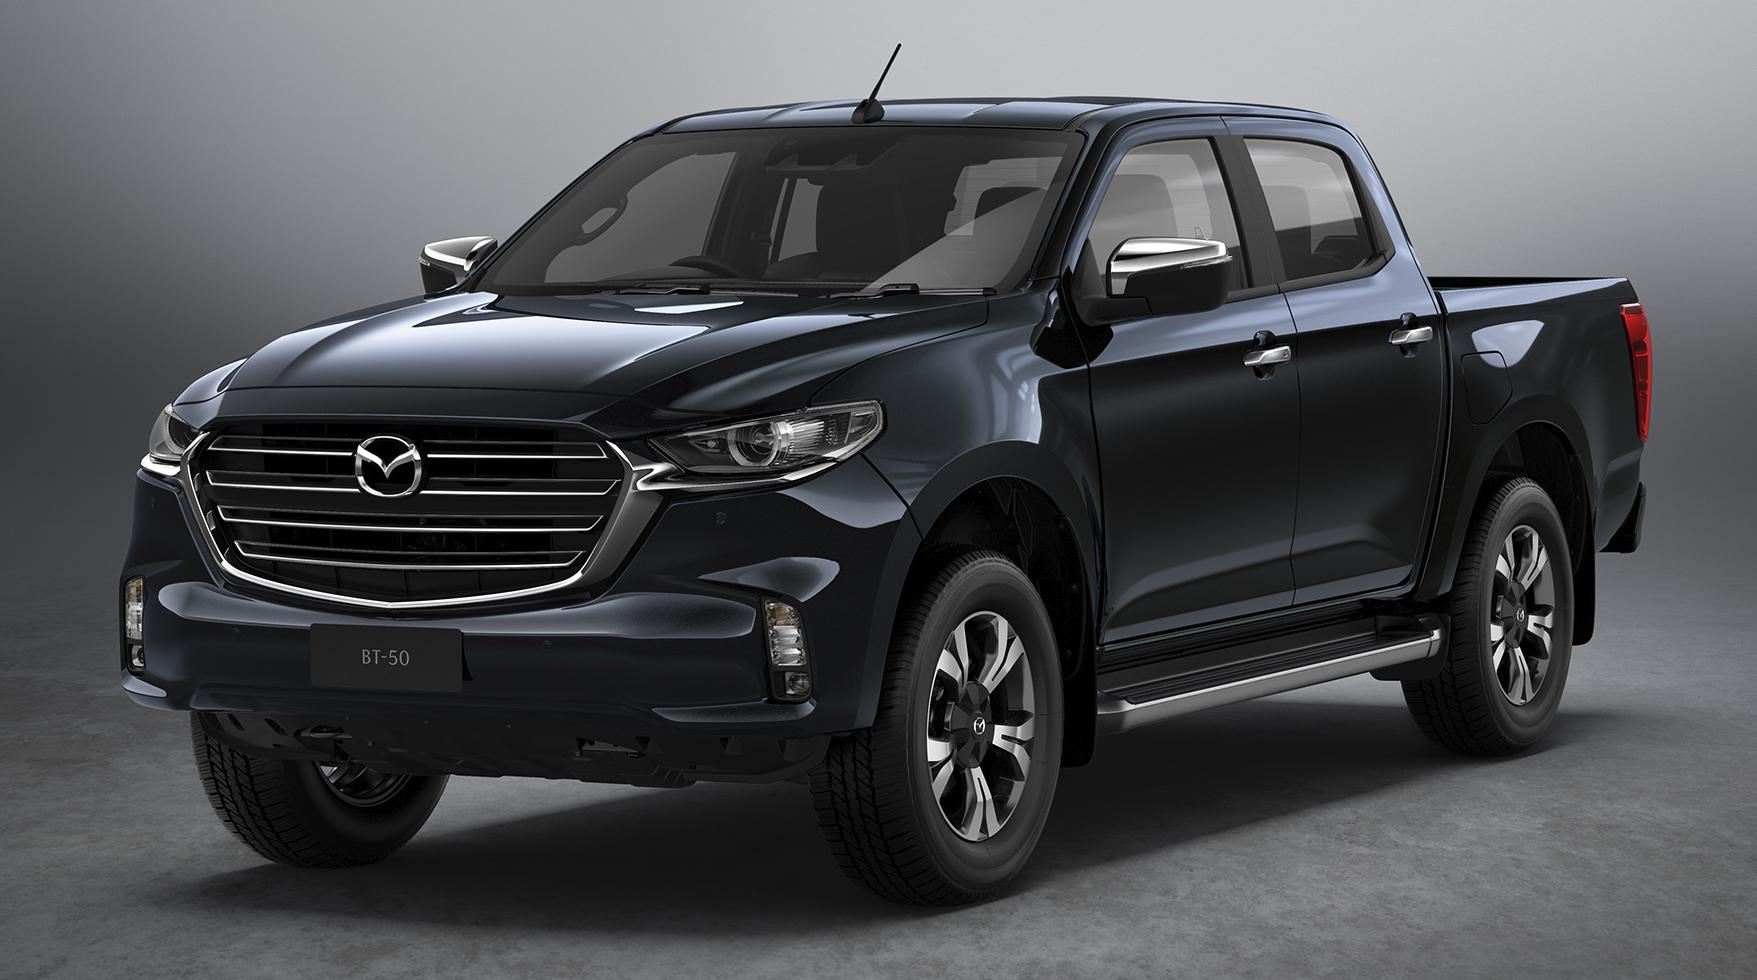 Đầu xe mang phong cách hầm hố, hiện đại khá tương đồng với SUV CX-8 2021.